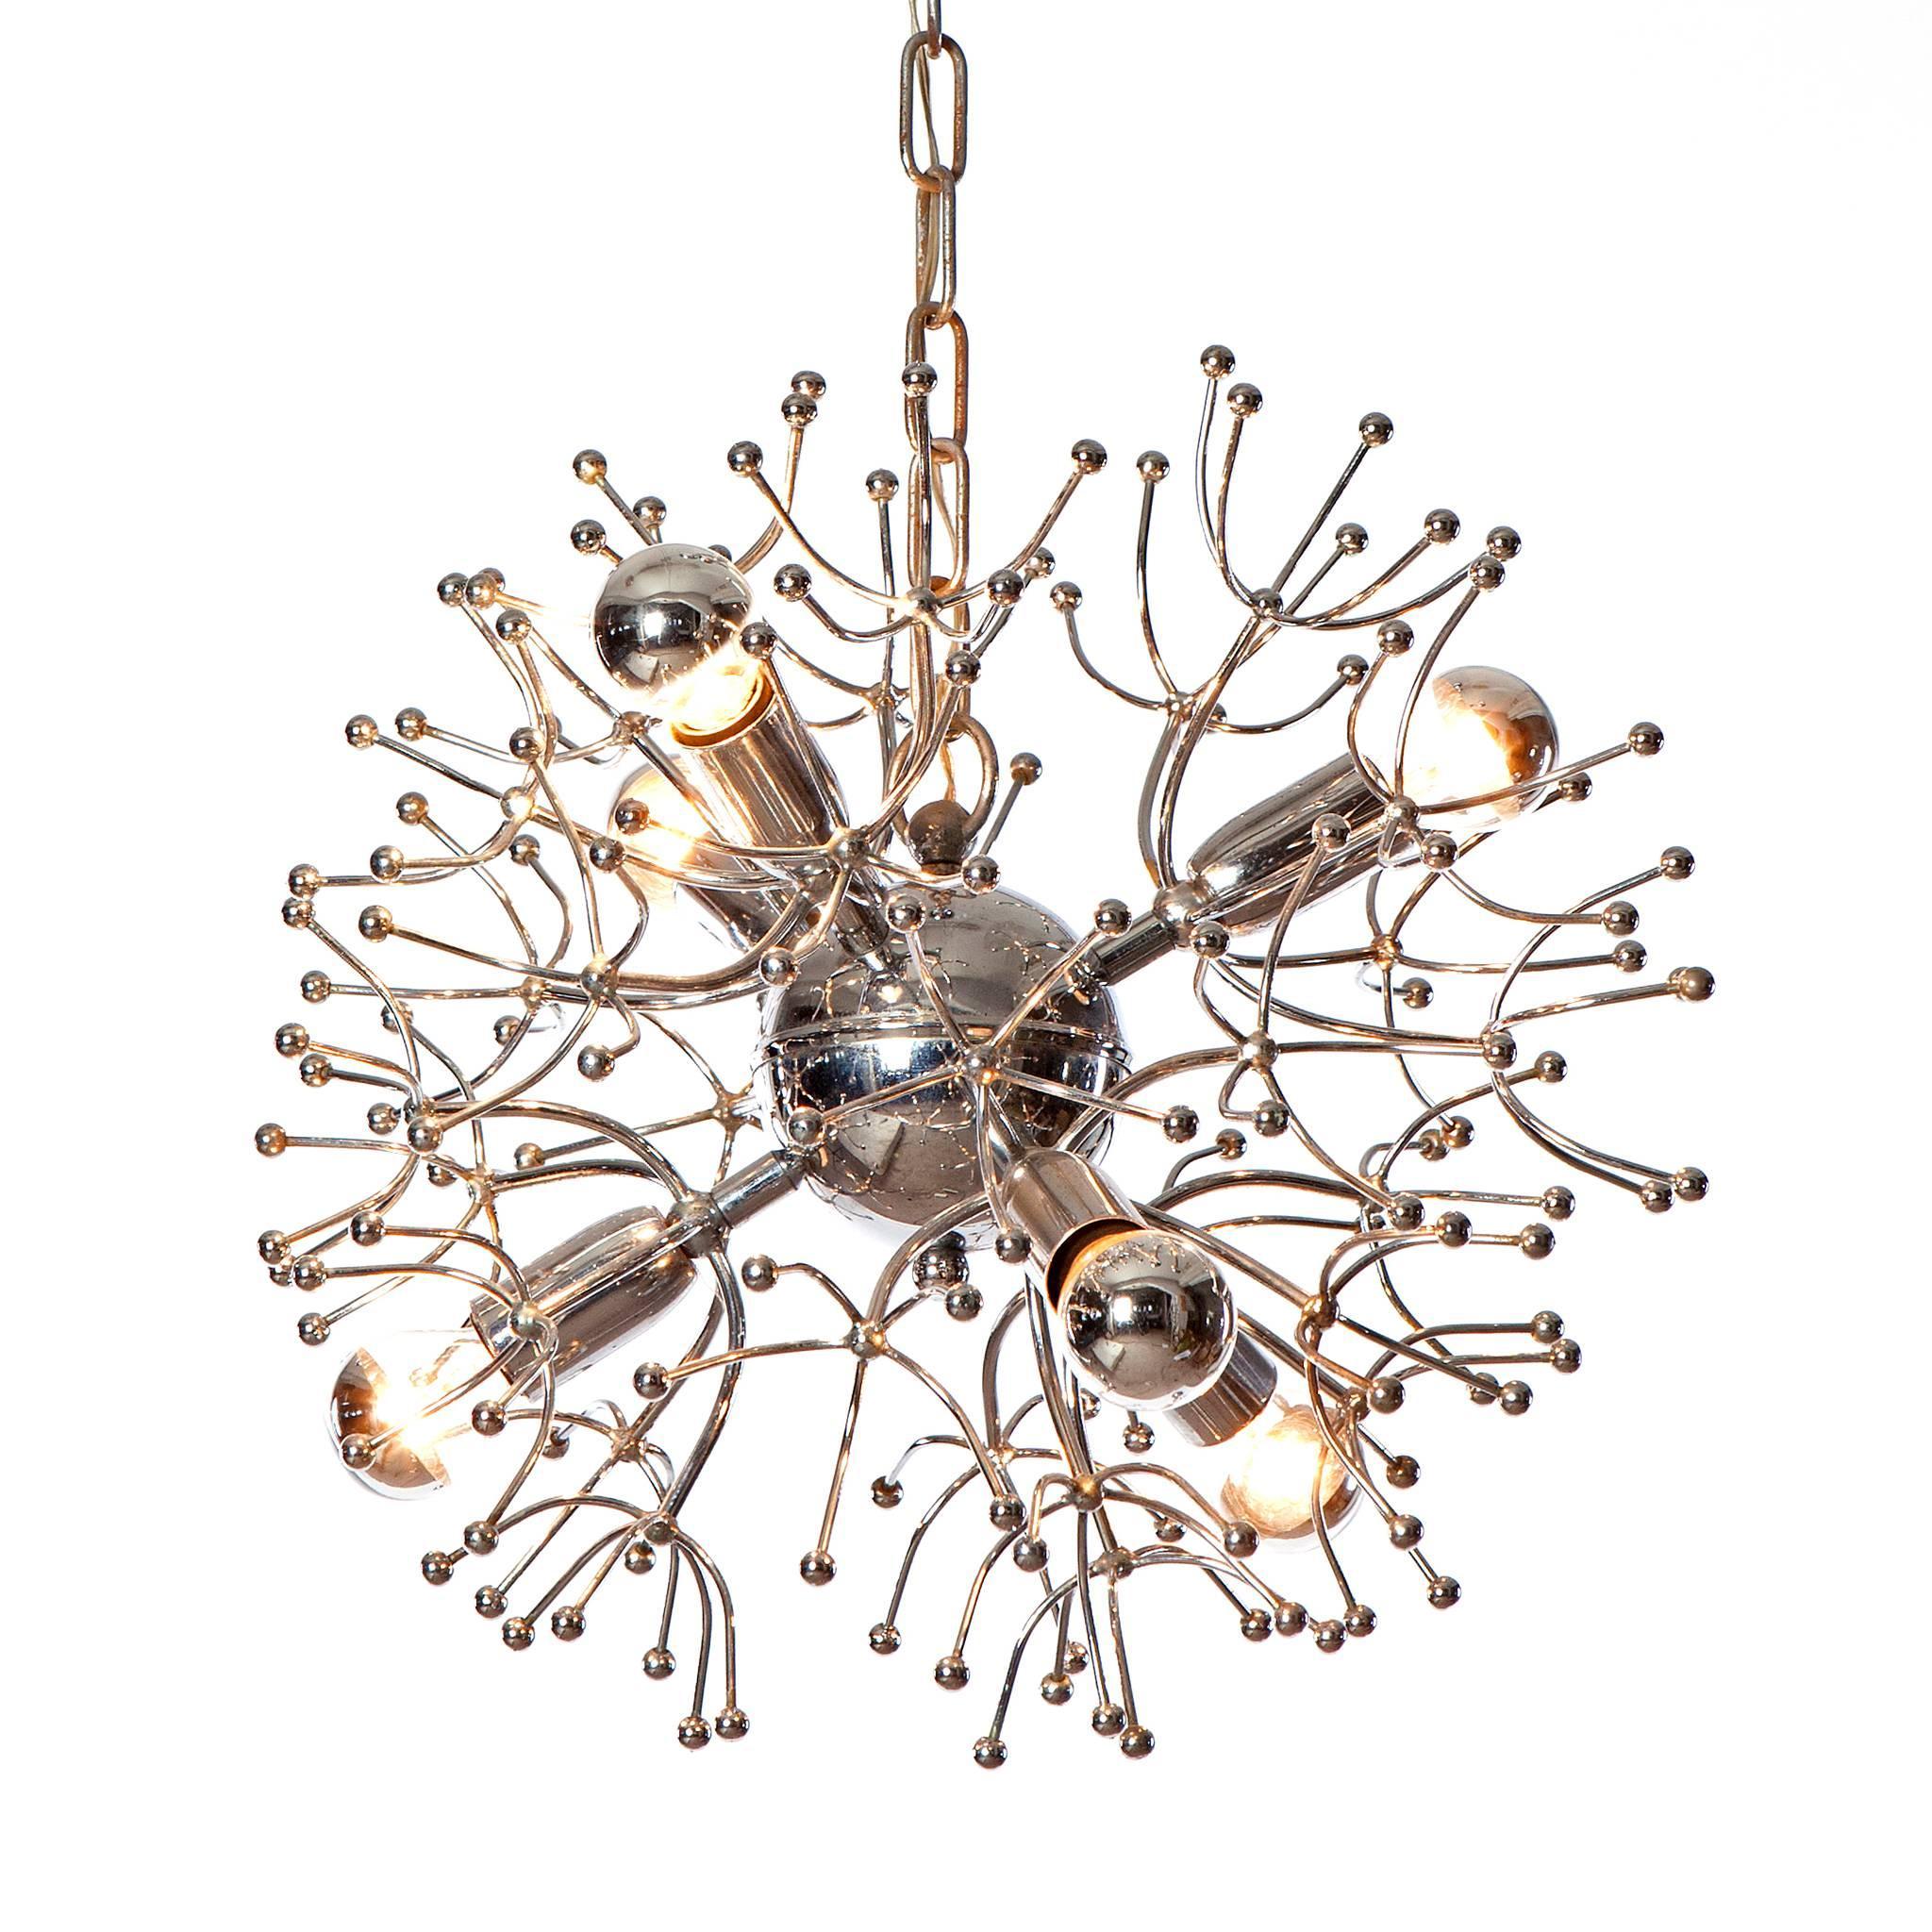 1960's six light sputnik Chandelier by Gaetano Sciolari